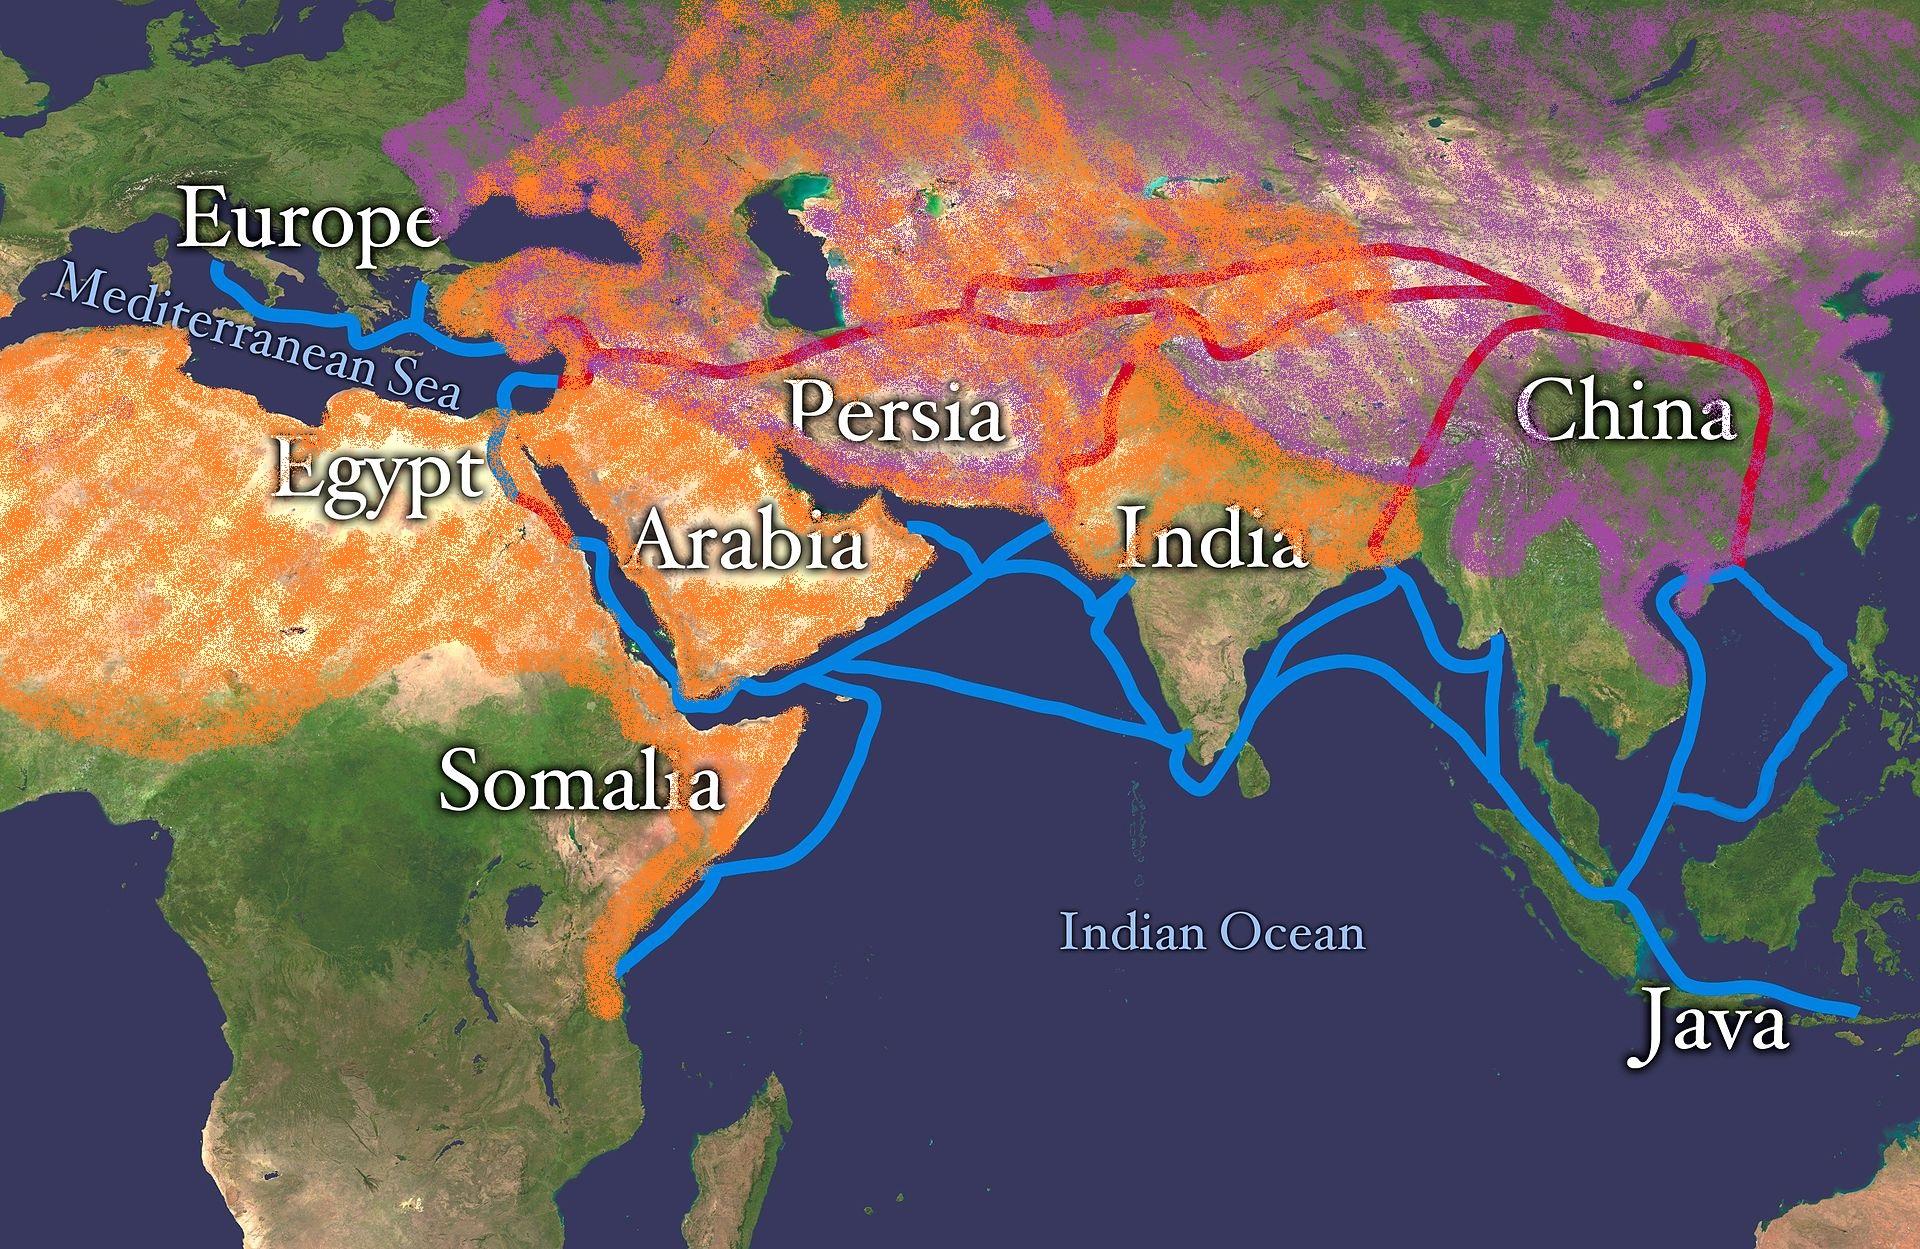 イスラーム世界とモンゴル帝国